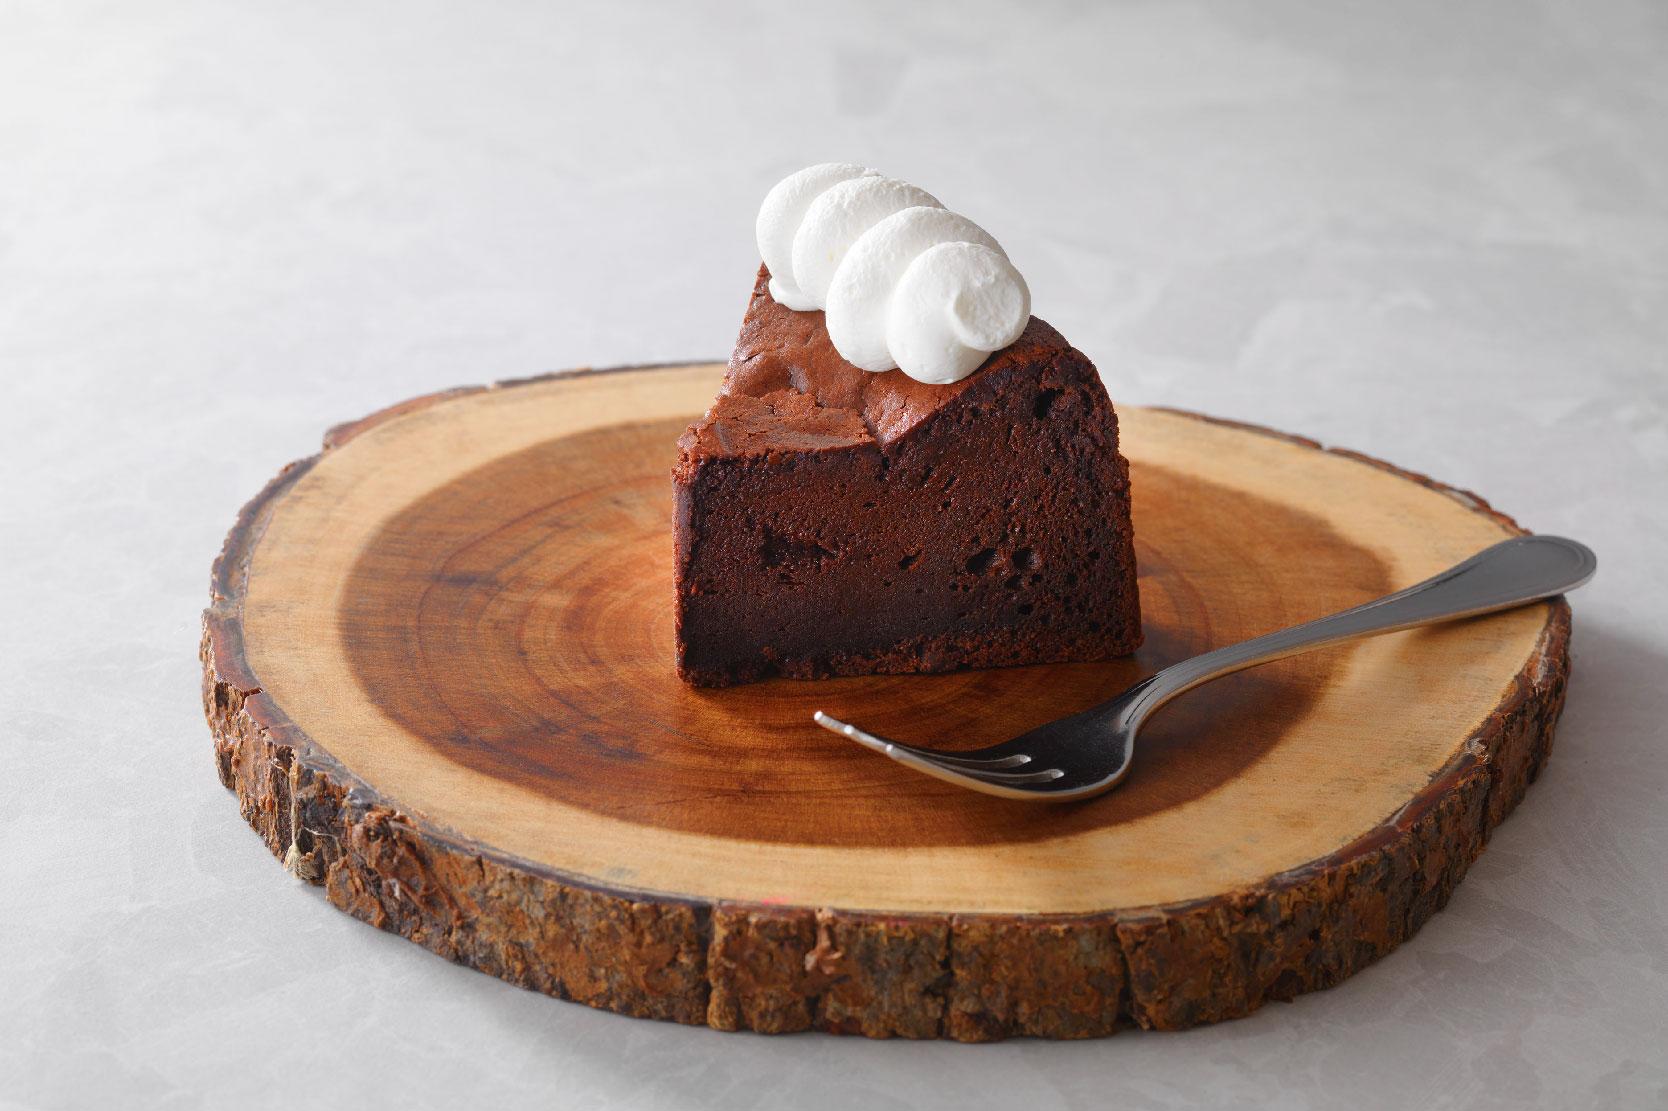 濃厚なビターチョコレートの クラシックショコラ 生クリーム添え